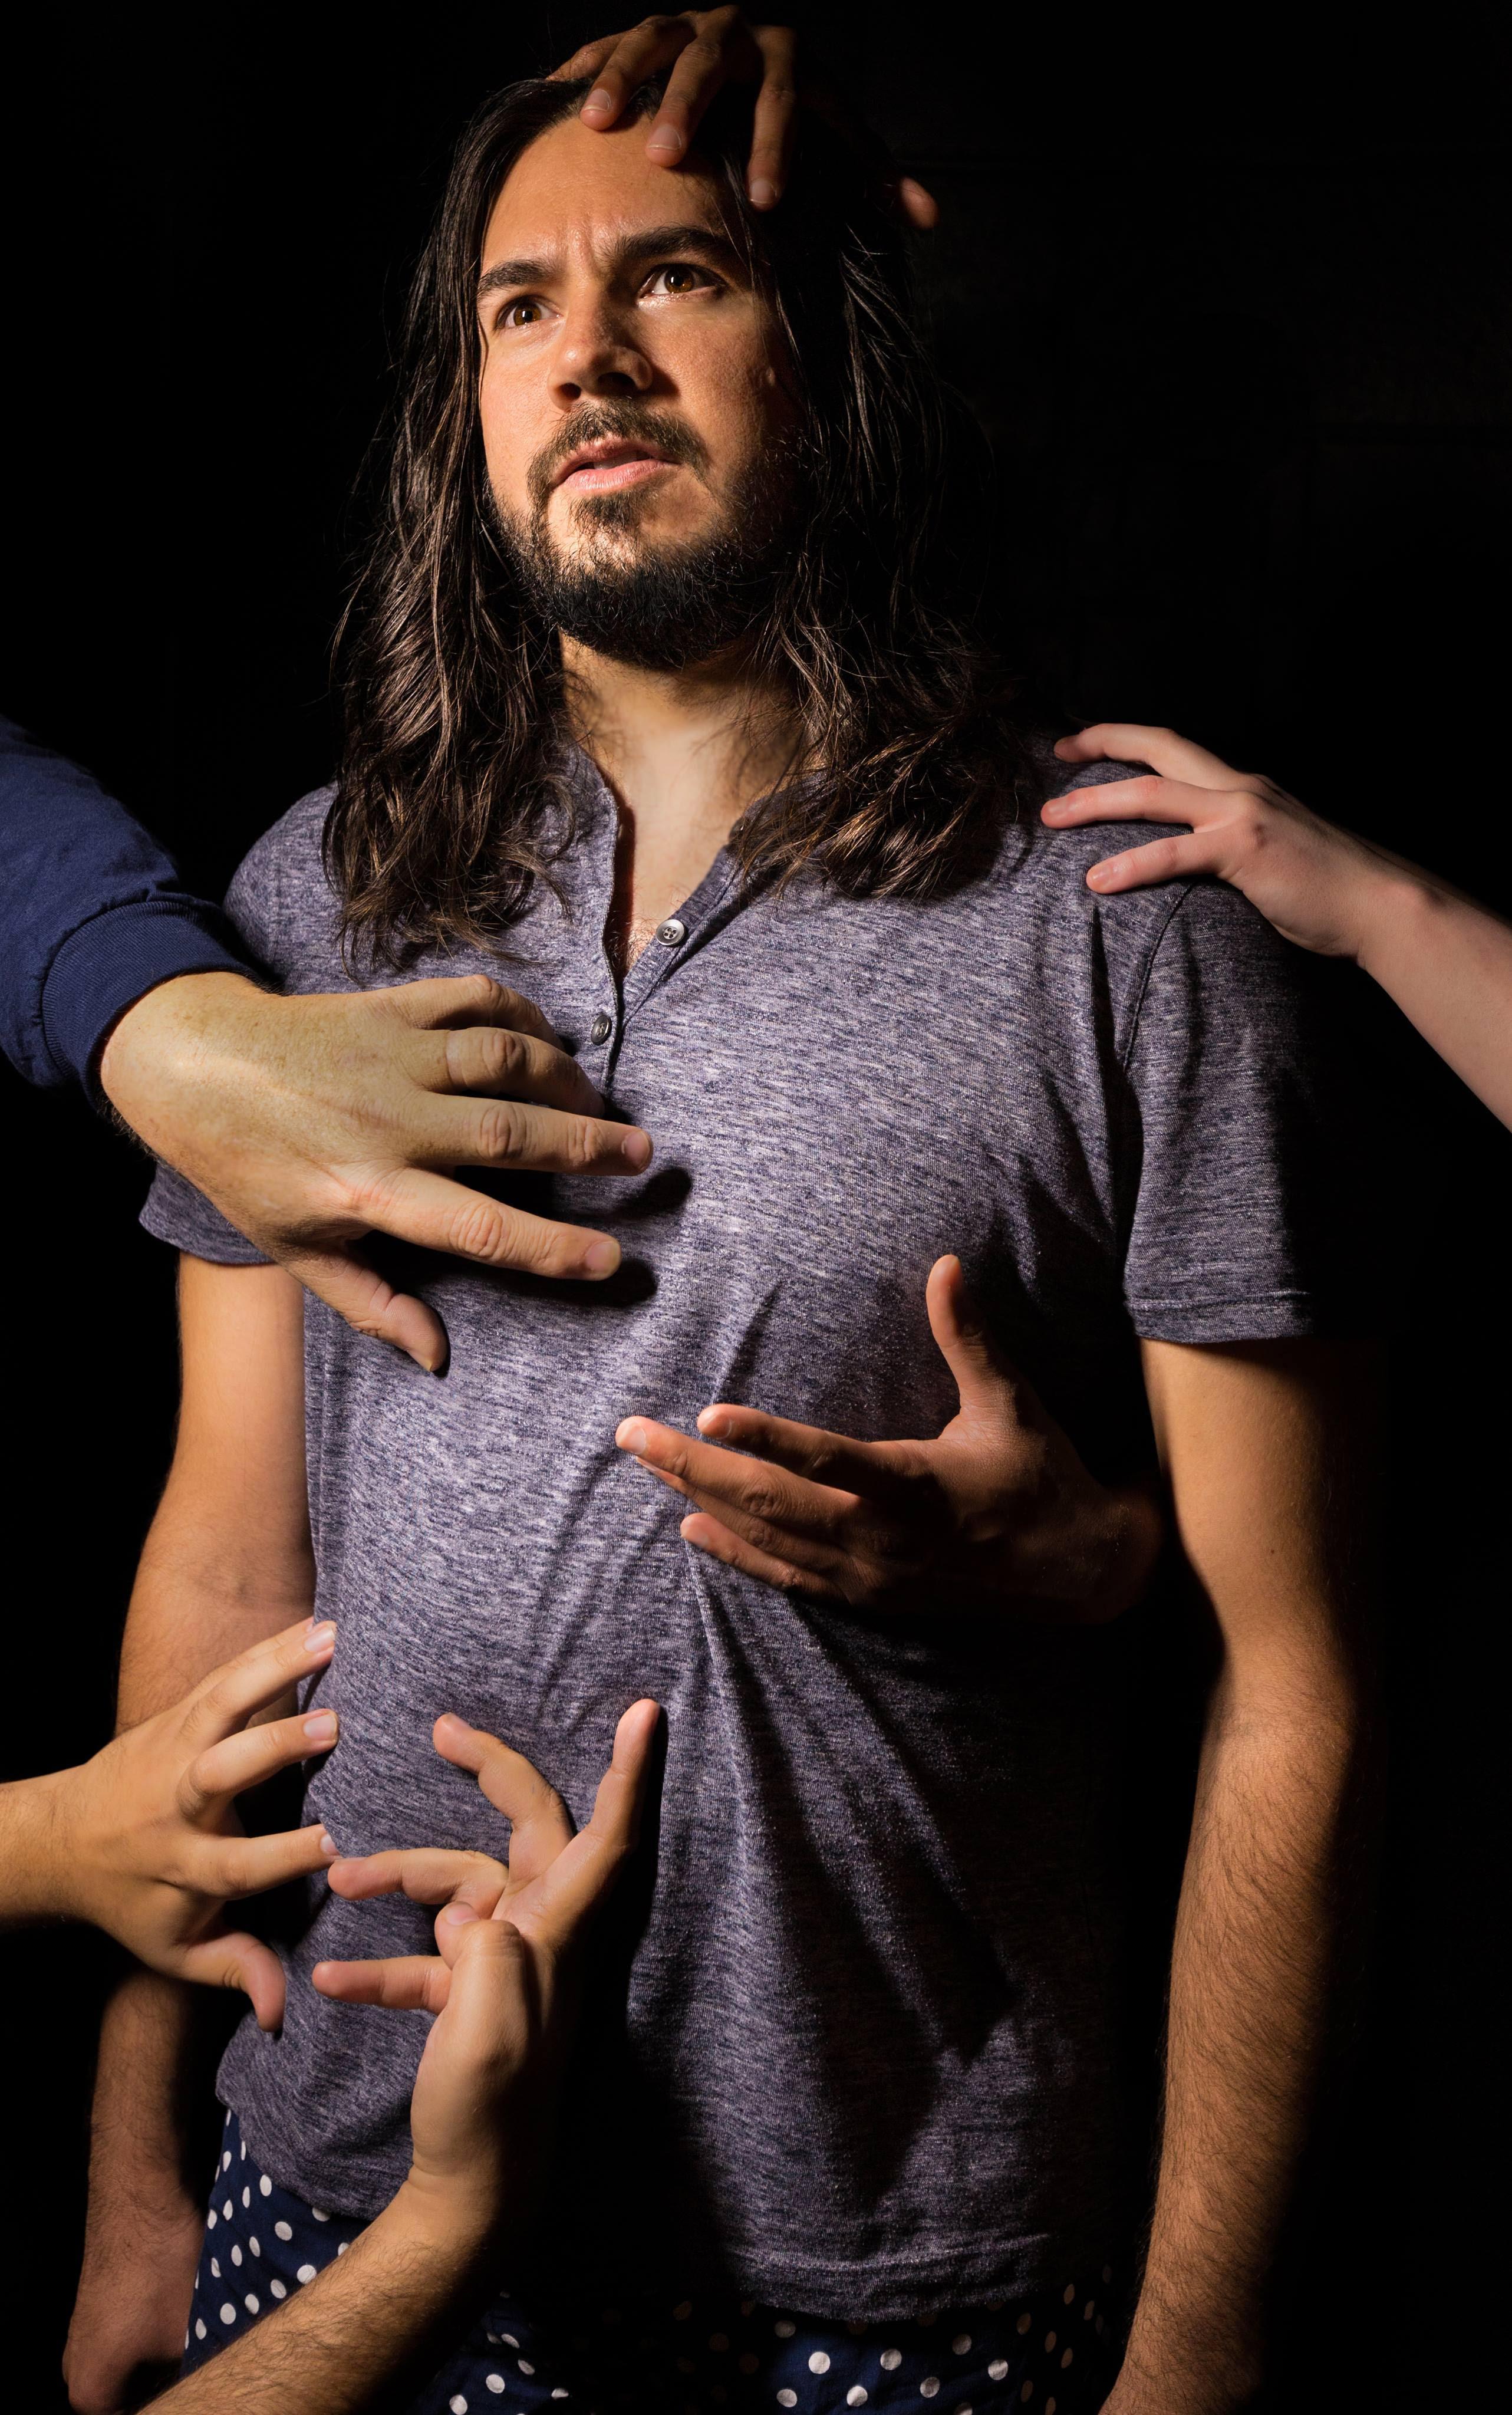 A Behanding in Spokane Promo Photo